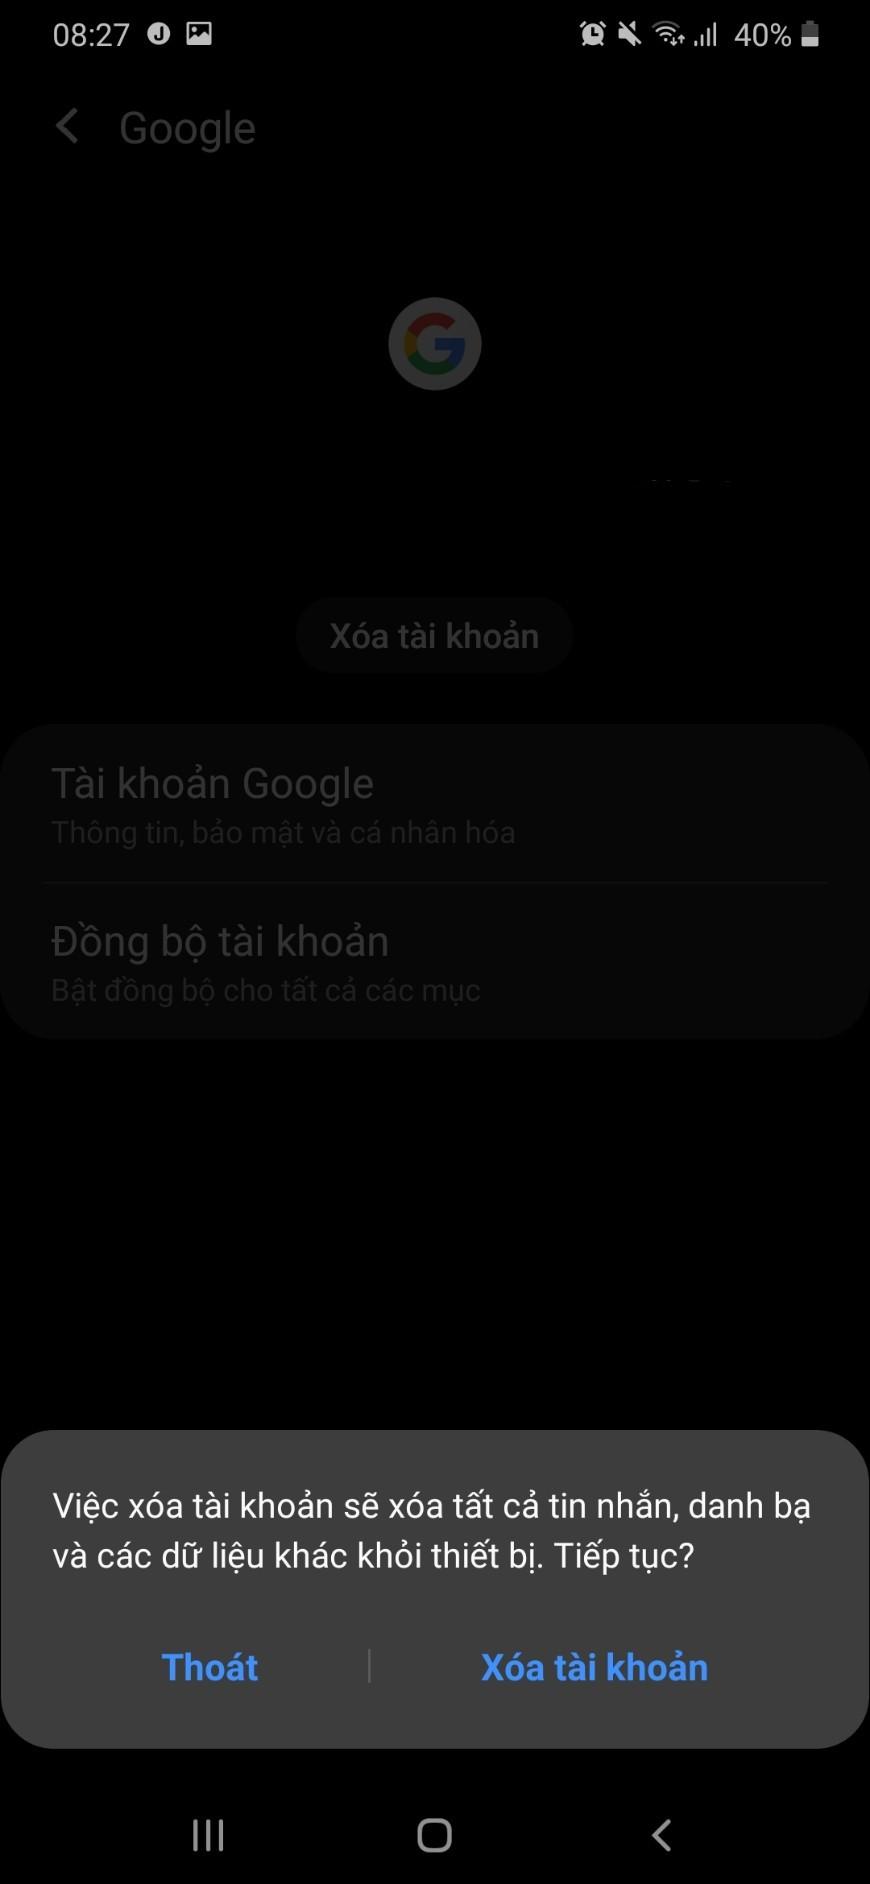 Học cách đăng xuất YouTube trên điện thoại chỉ với 3 bước